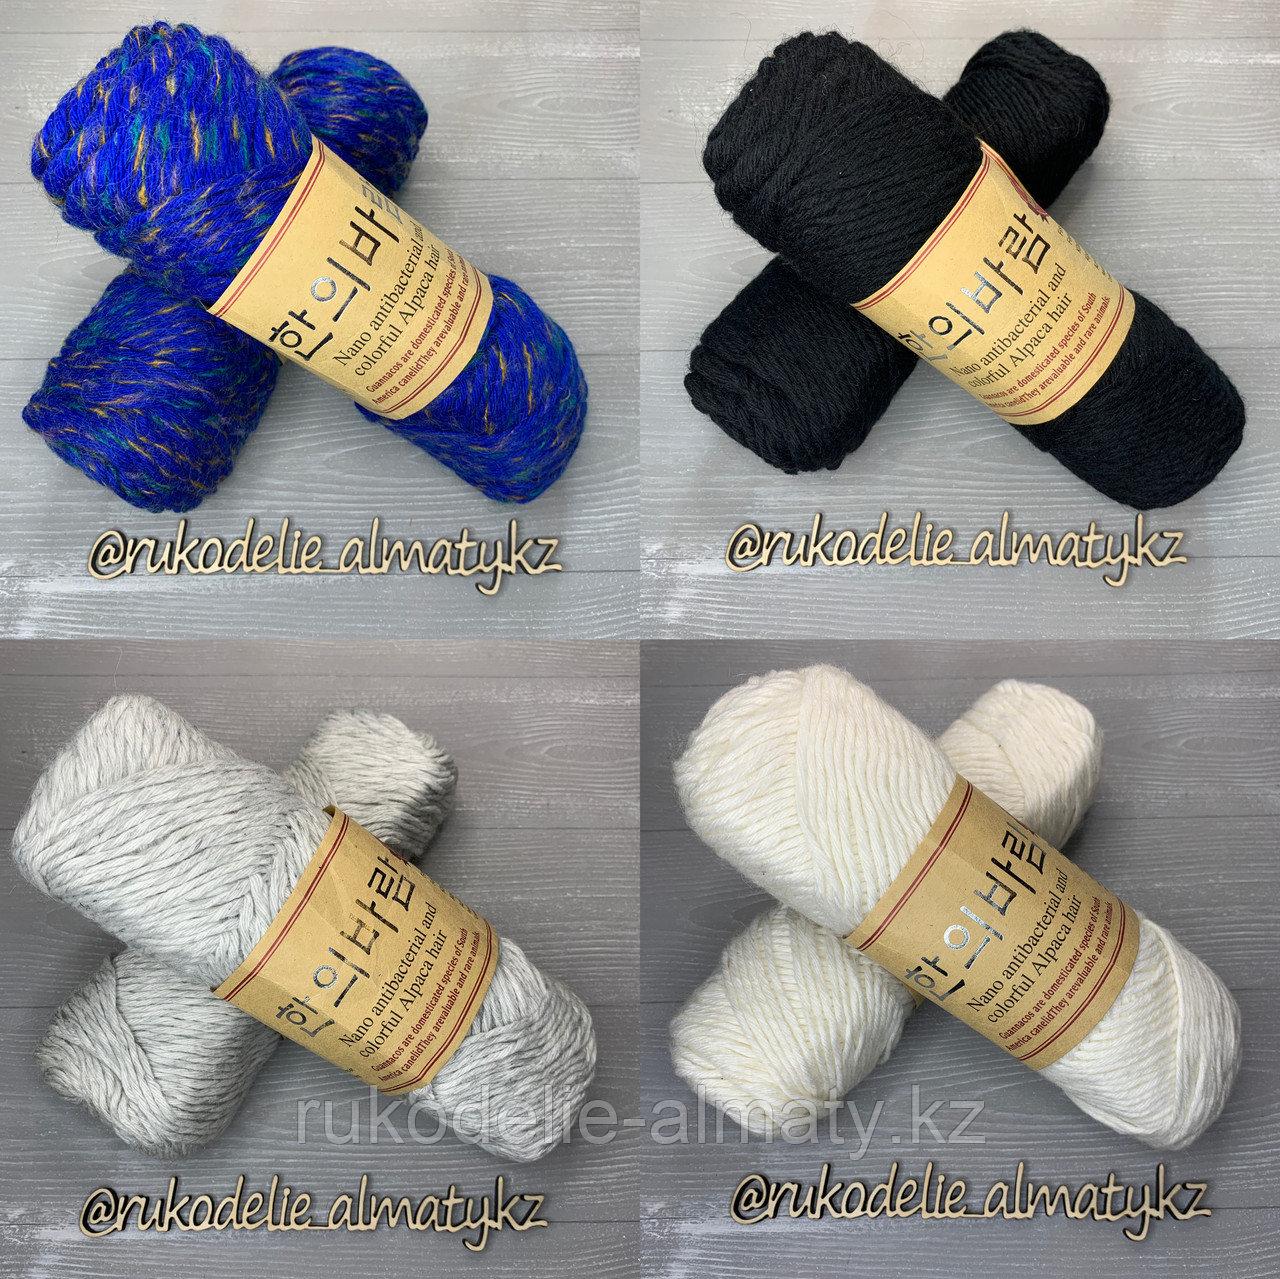 """Пряжа для ручного вязания """"NANO """", 100 гр, цвет-светло-серый серо-белый - фото 2"""